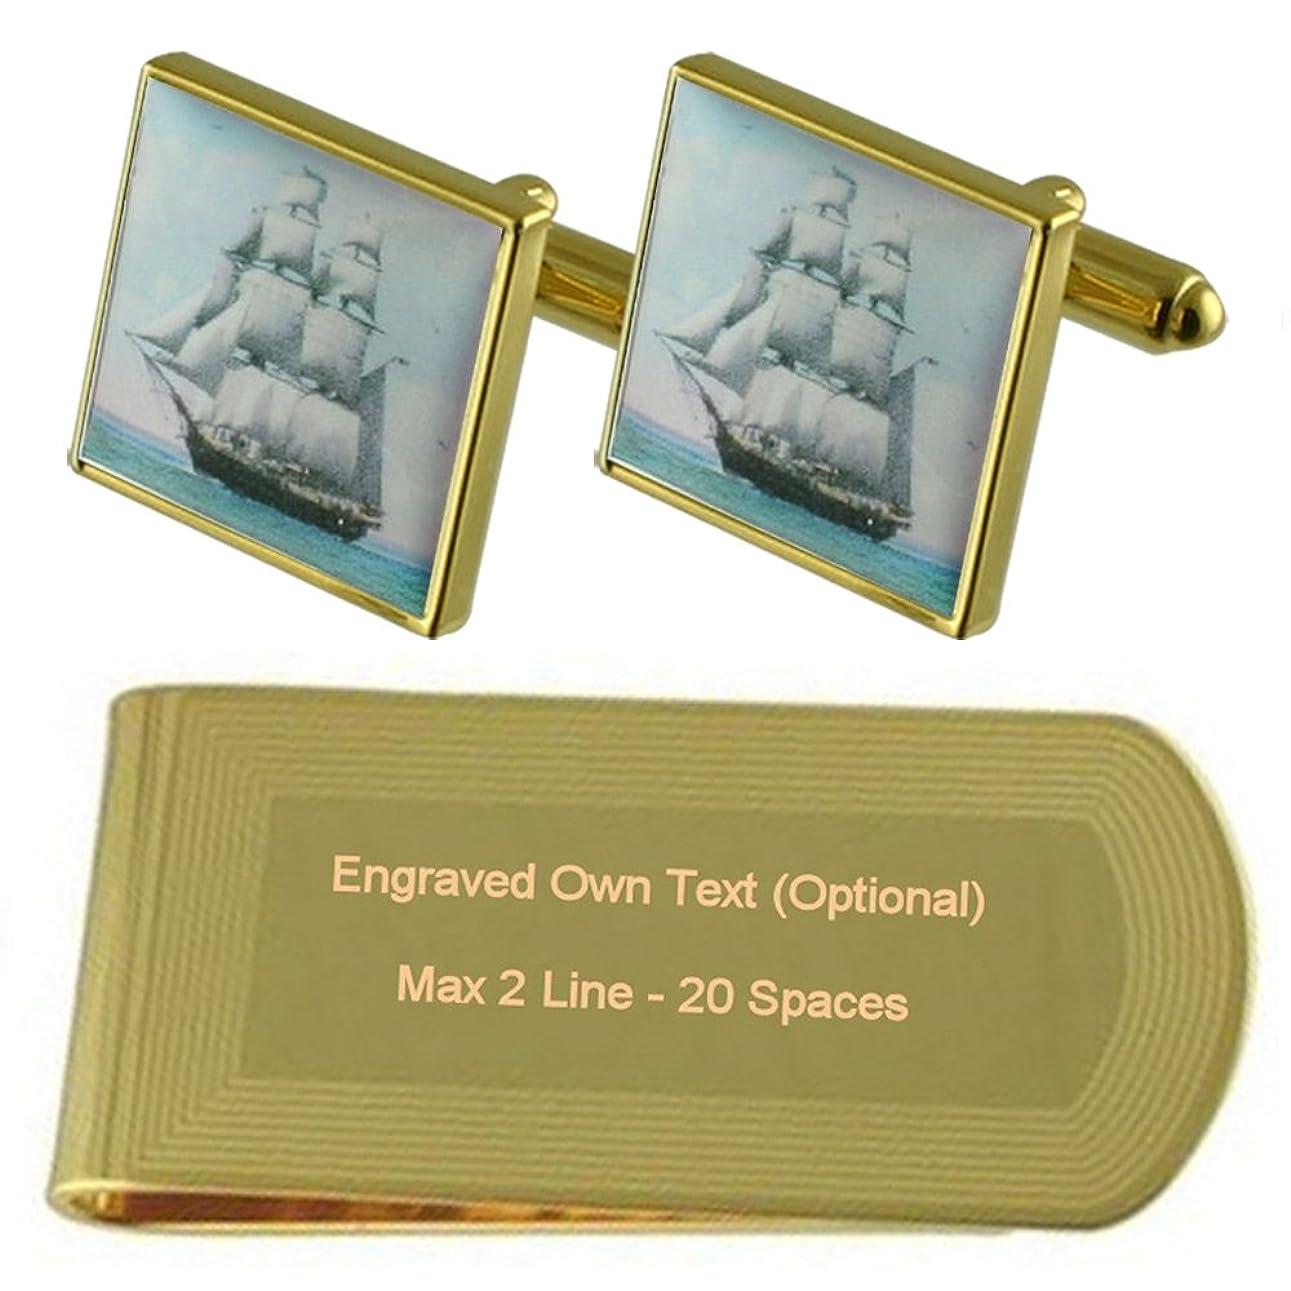 忙しい失業者気づくなるロイヤル?ネイビーの軍艦のゴールドトーン カフスボタン お金クリップを刻まれたギフトセット